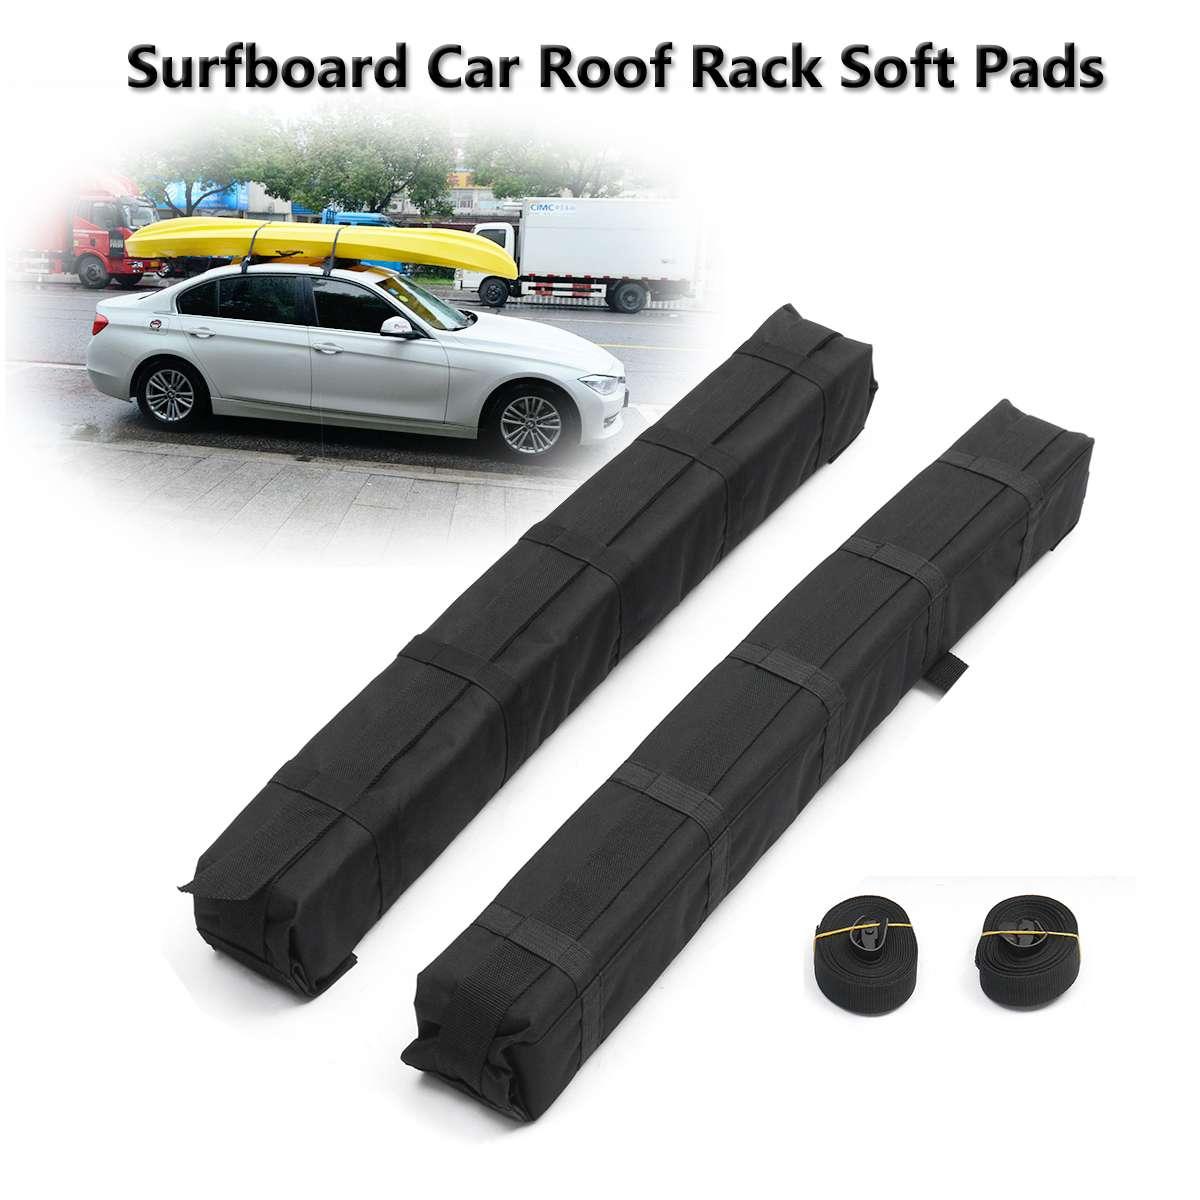 2 pièces universel Auto doux voiture toit Rack Cross Bar Kayaks planche de surf voiture toit Rack EVA doux tampons extérieur voyage bagages transporteur barre